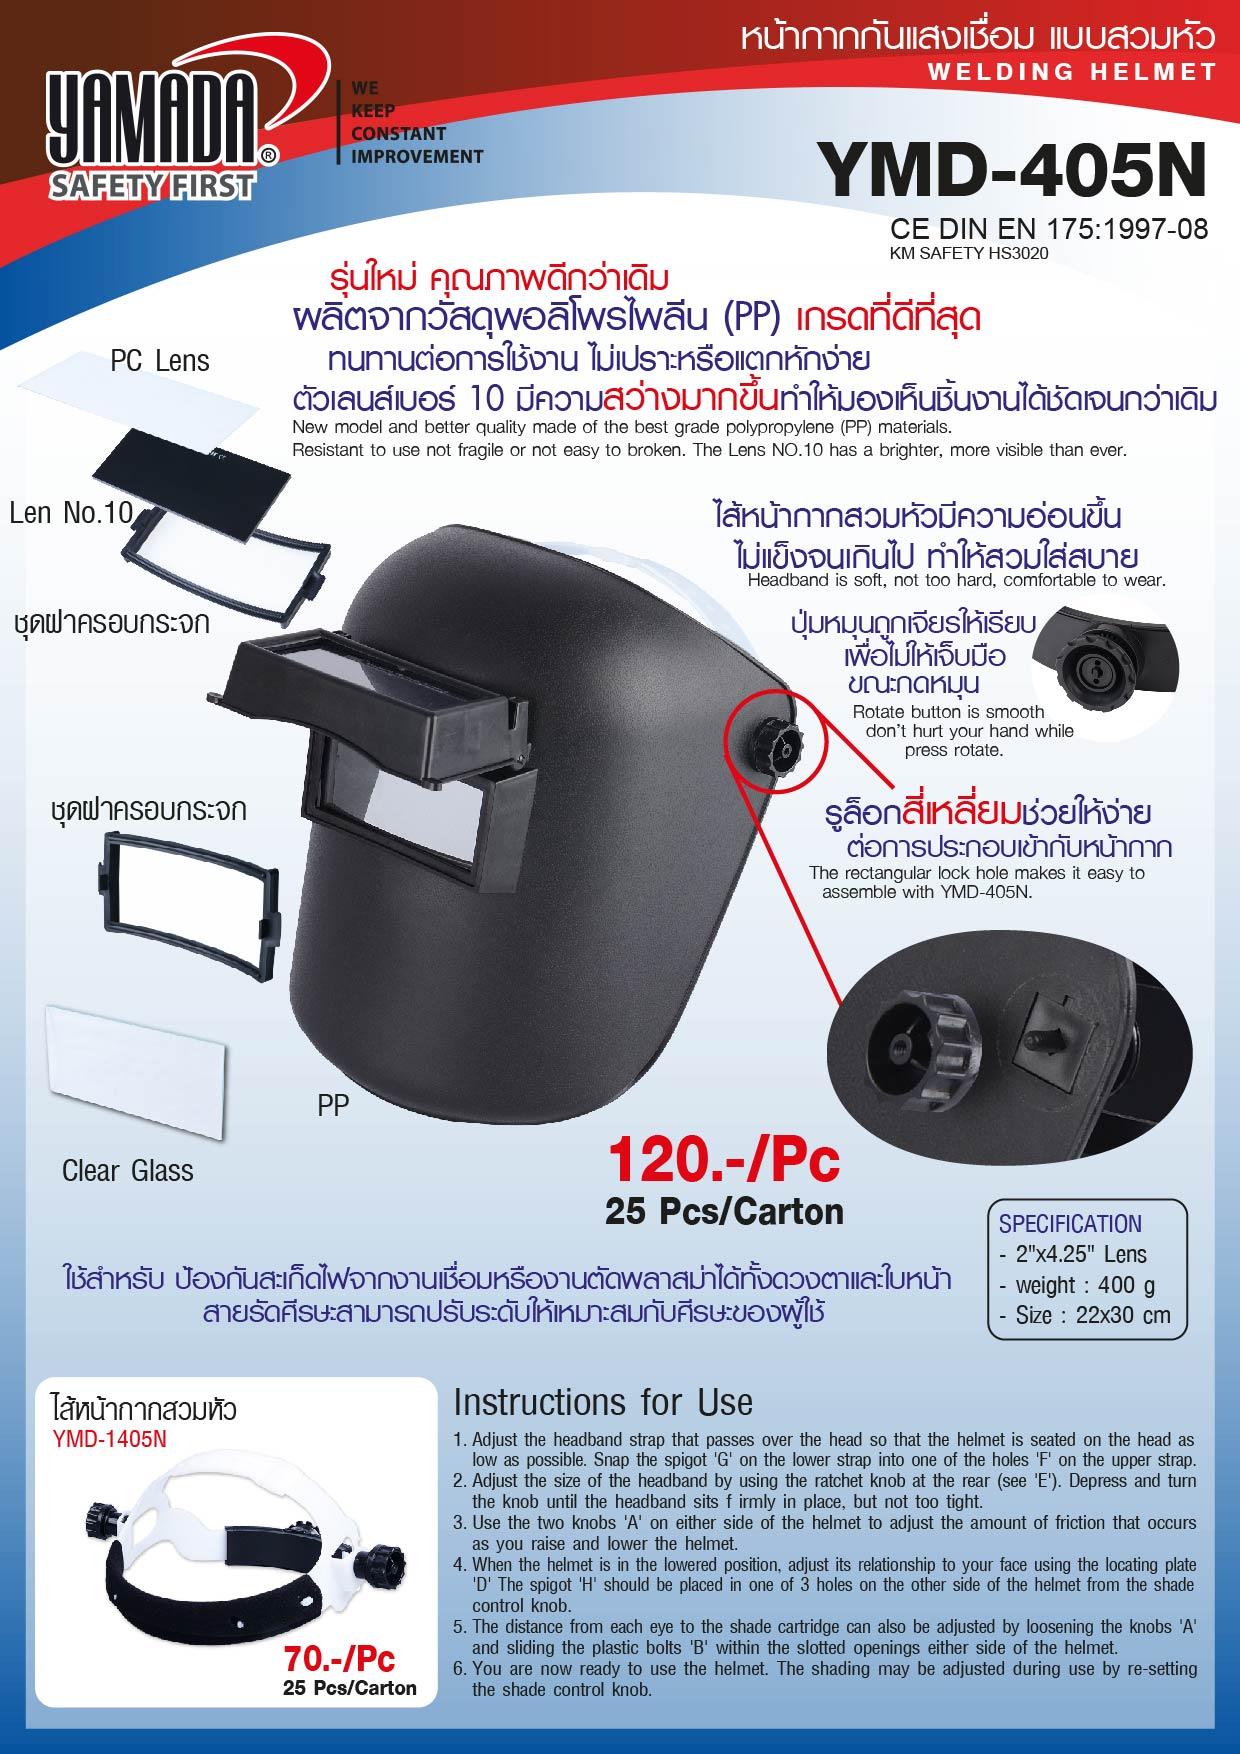 (166/271) หน้ากากกันแสงเชื่อม แบบสวมหัว - Welding Helmet YMD405N